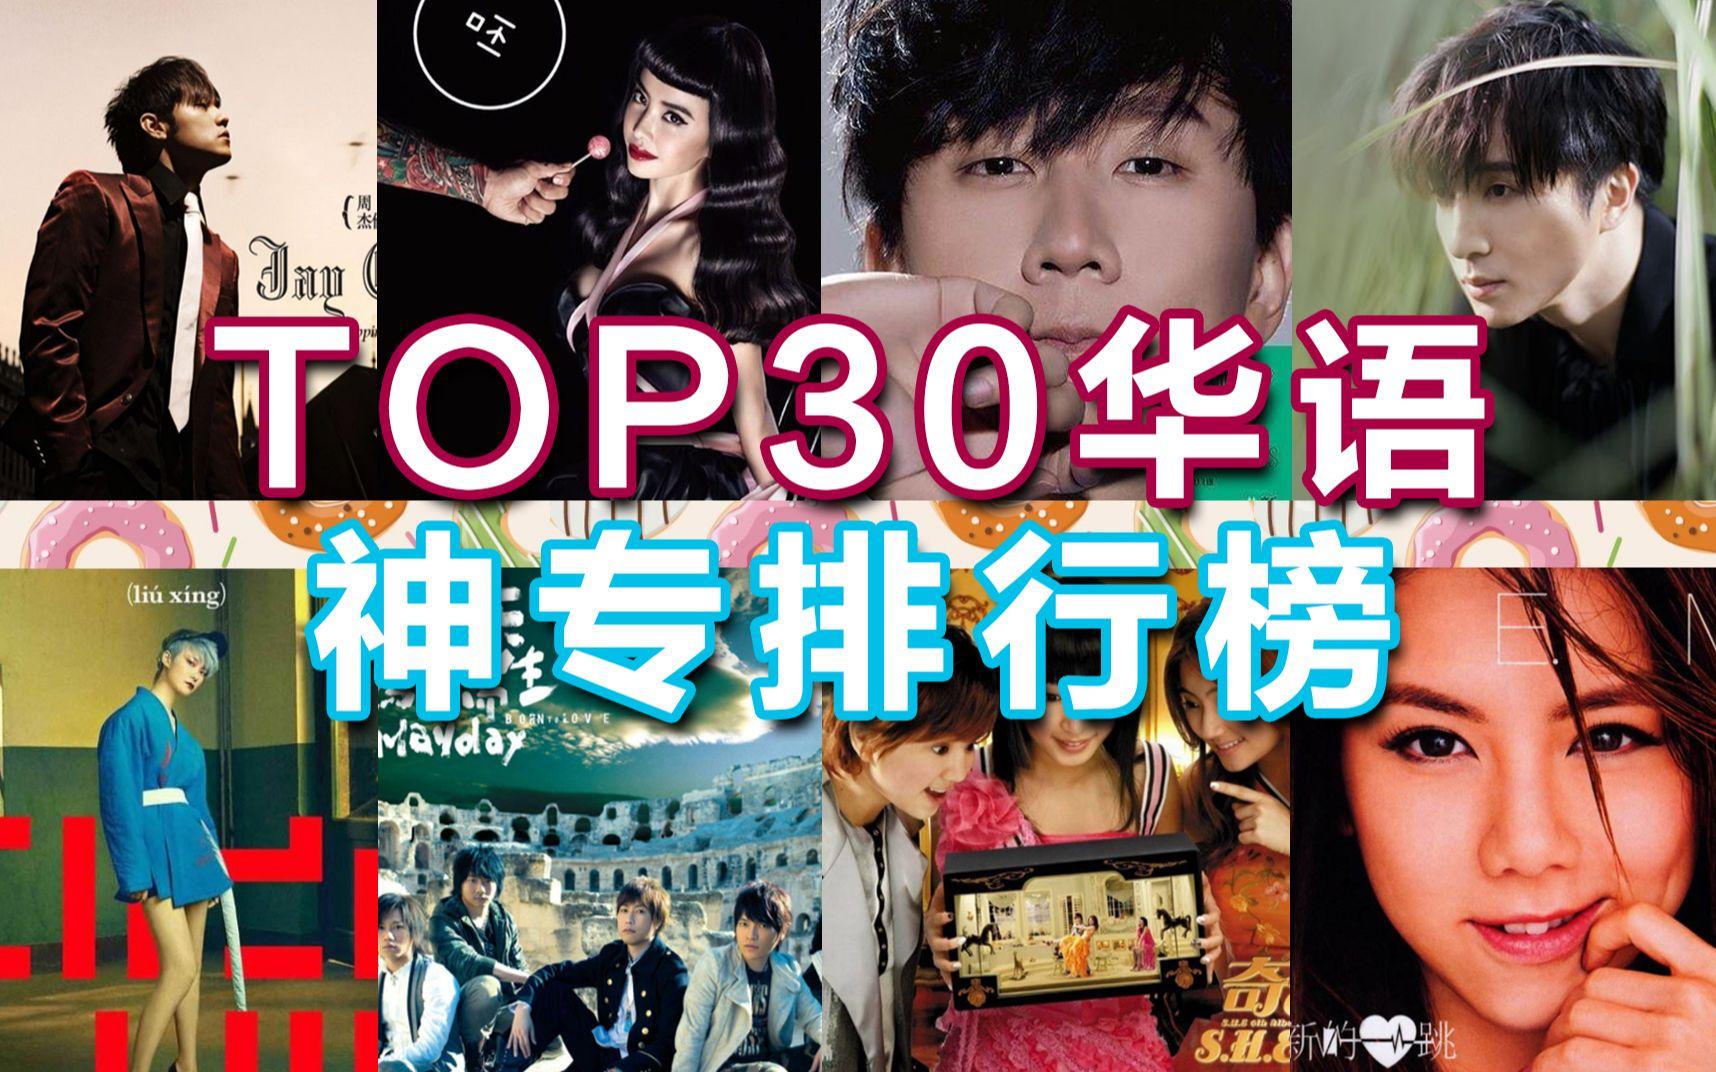 后街男孩第一张专辑_【盘点】你有欠他们一张专辑吗?30大华语专辑排行榜,周杰伦也 ...